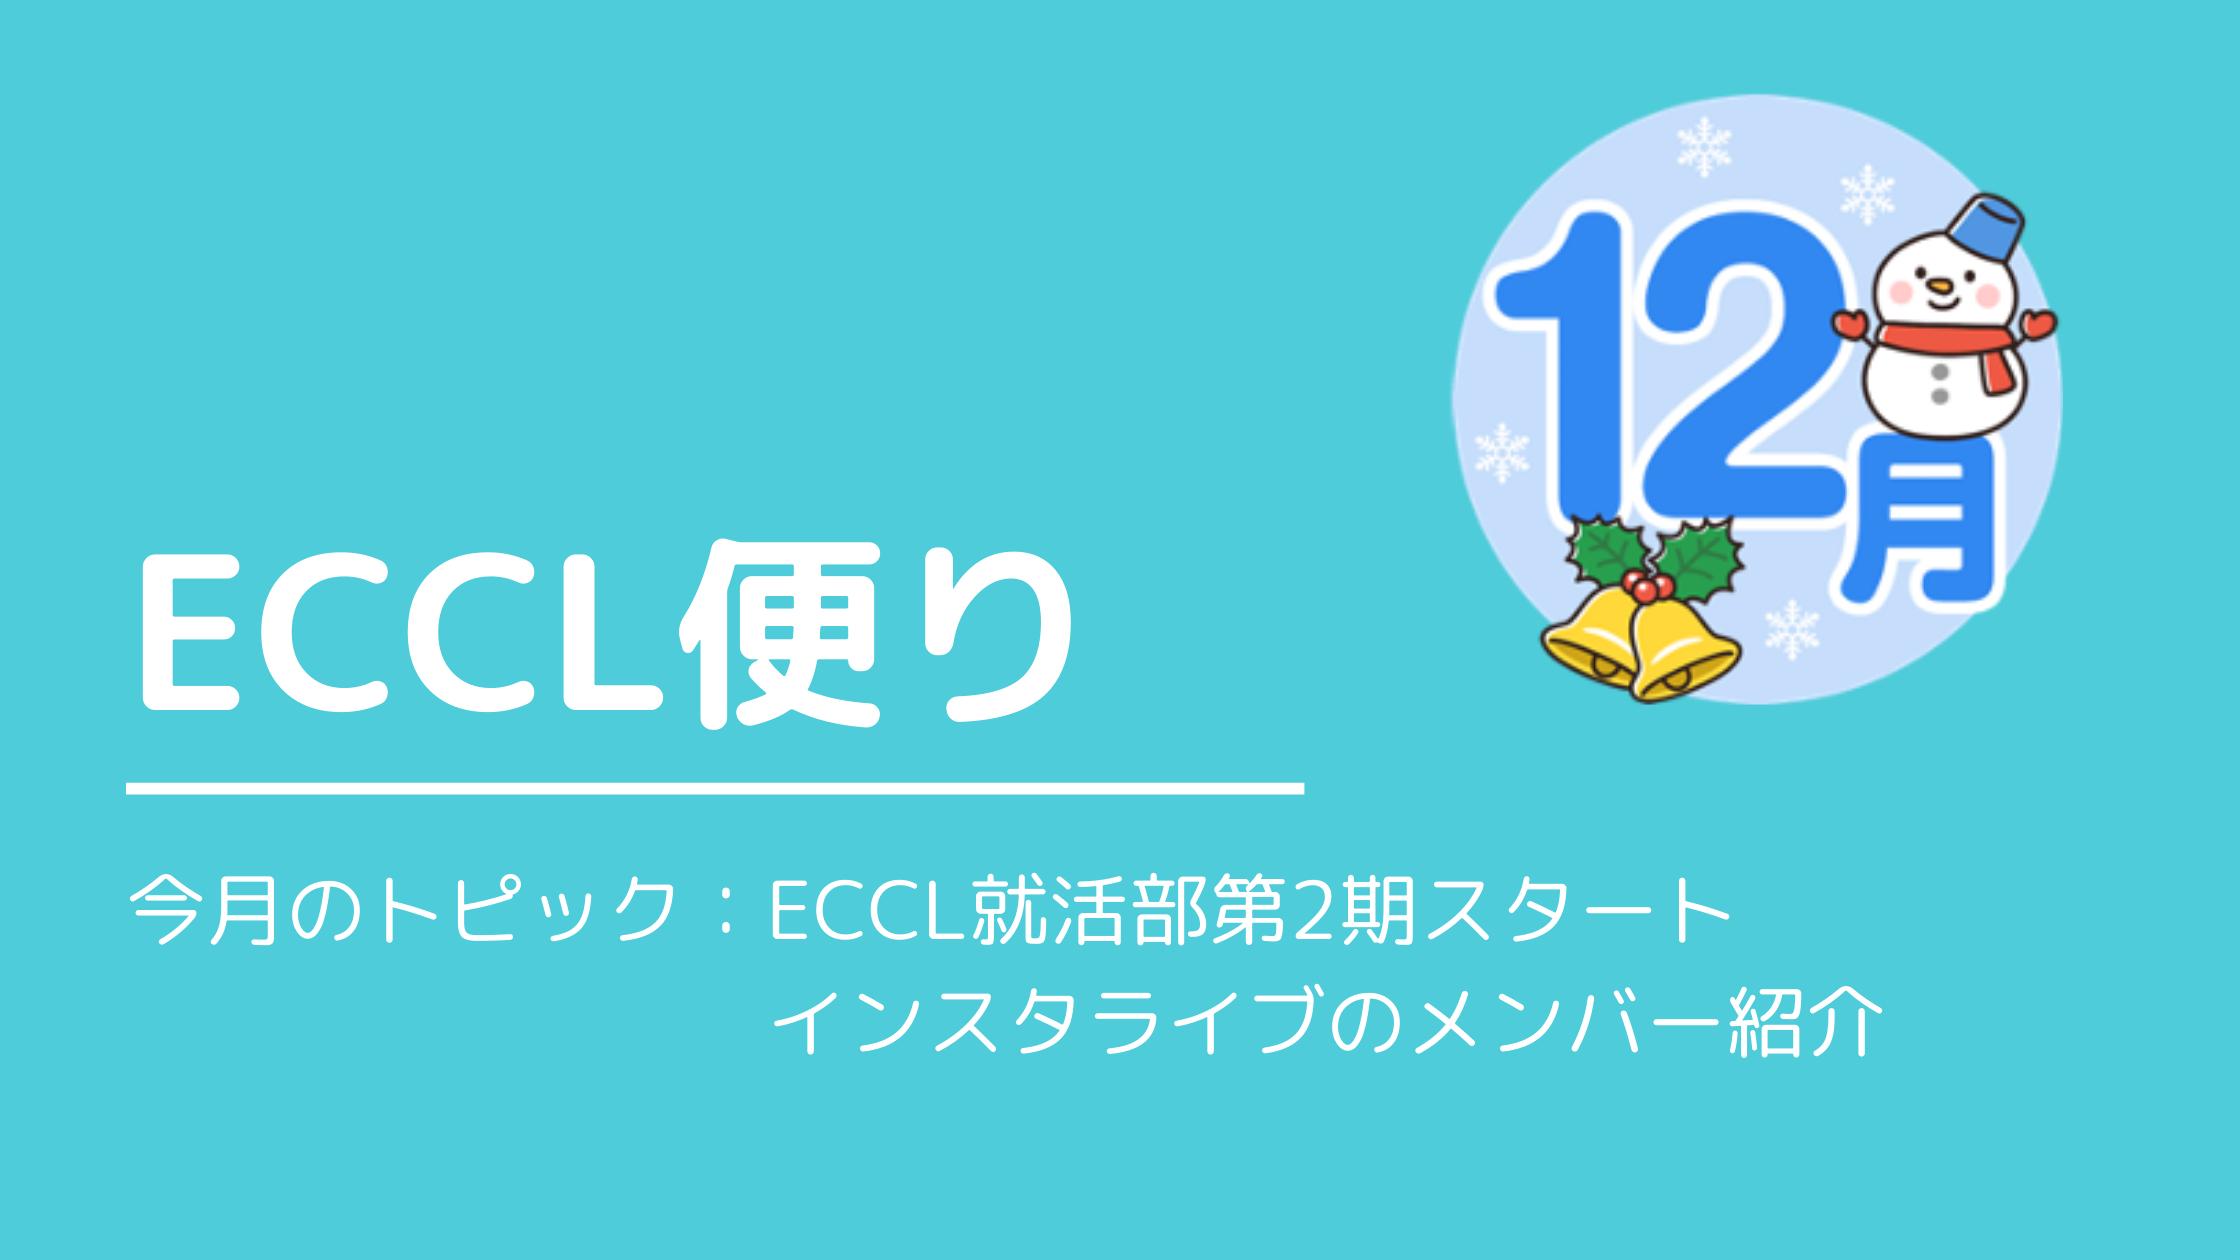 ECCL便り12月号♪